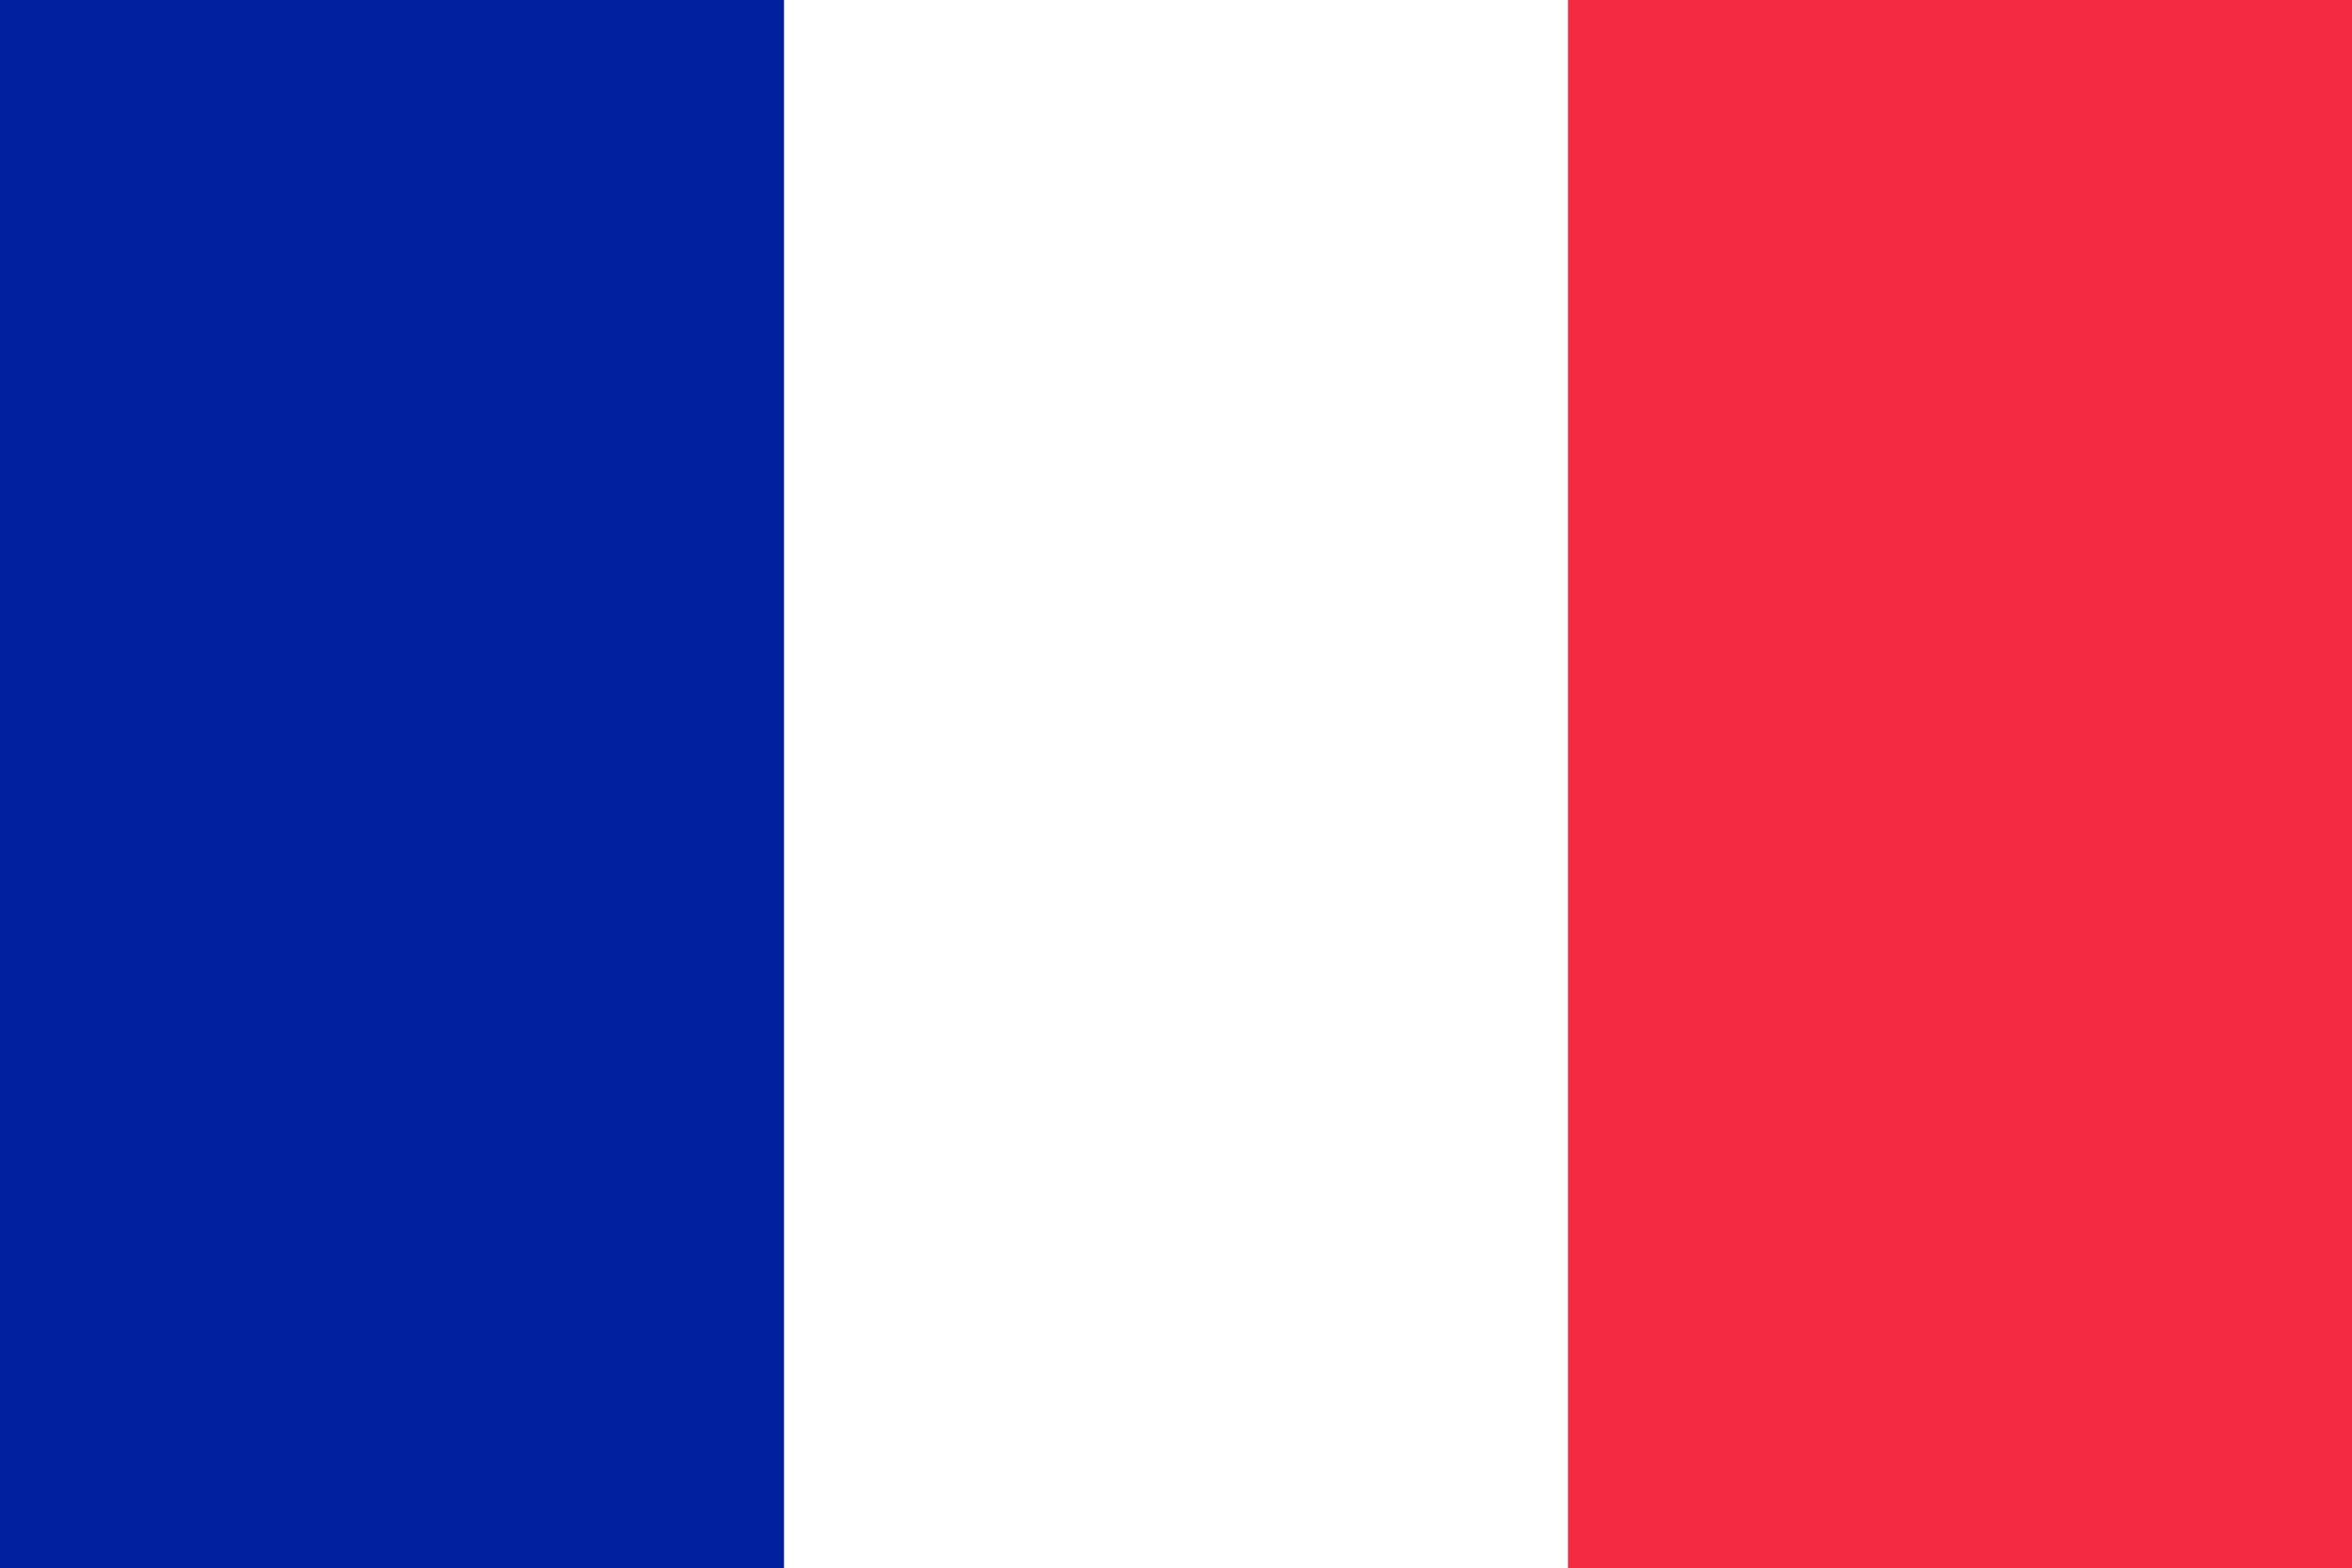 France, pays, emblème, logo, symbole - Fonds d'écran HD - Professor-falken.com